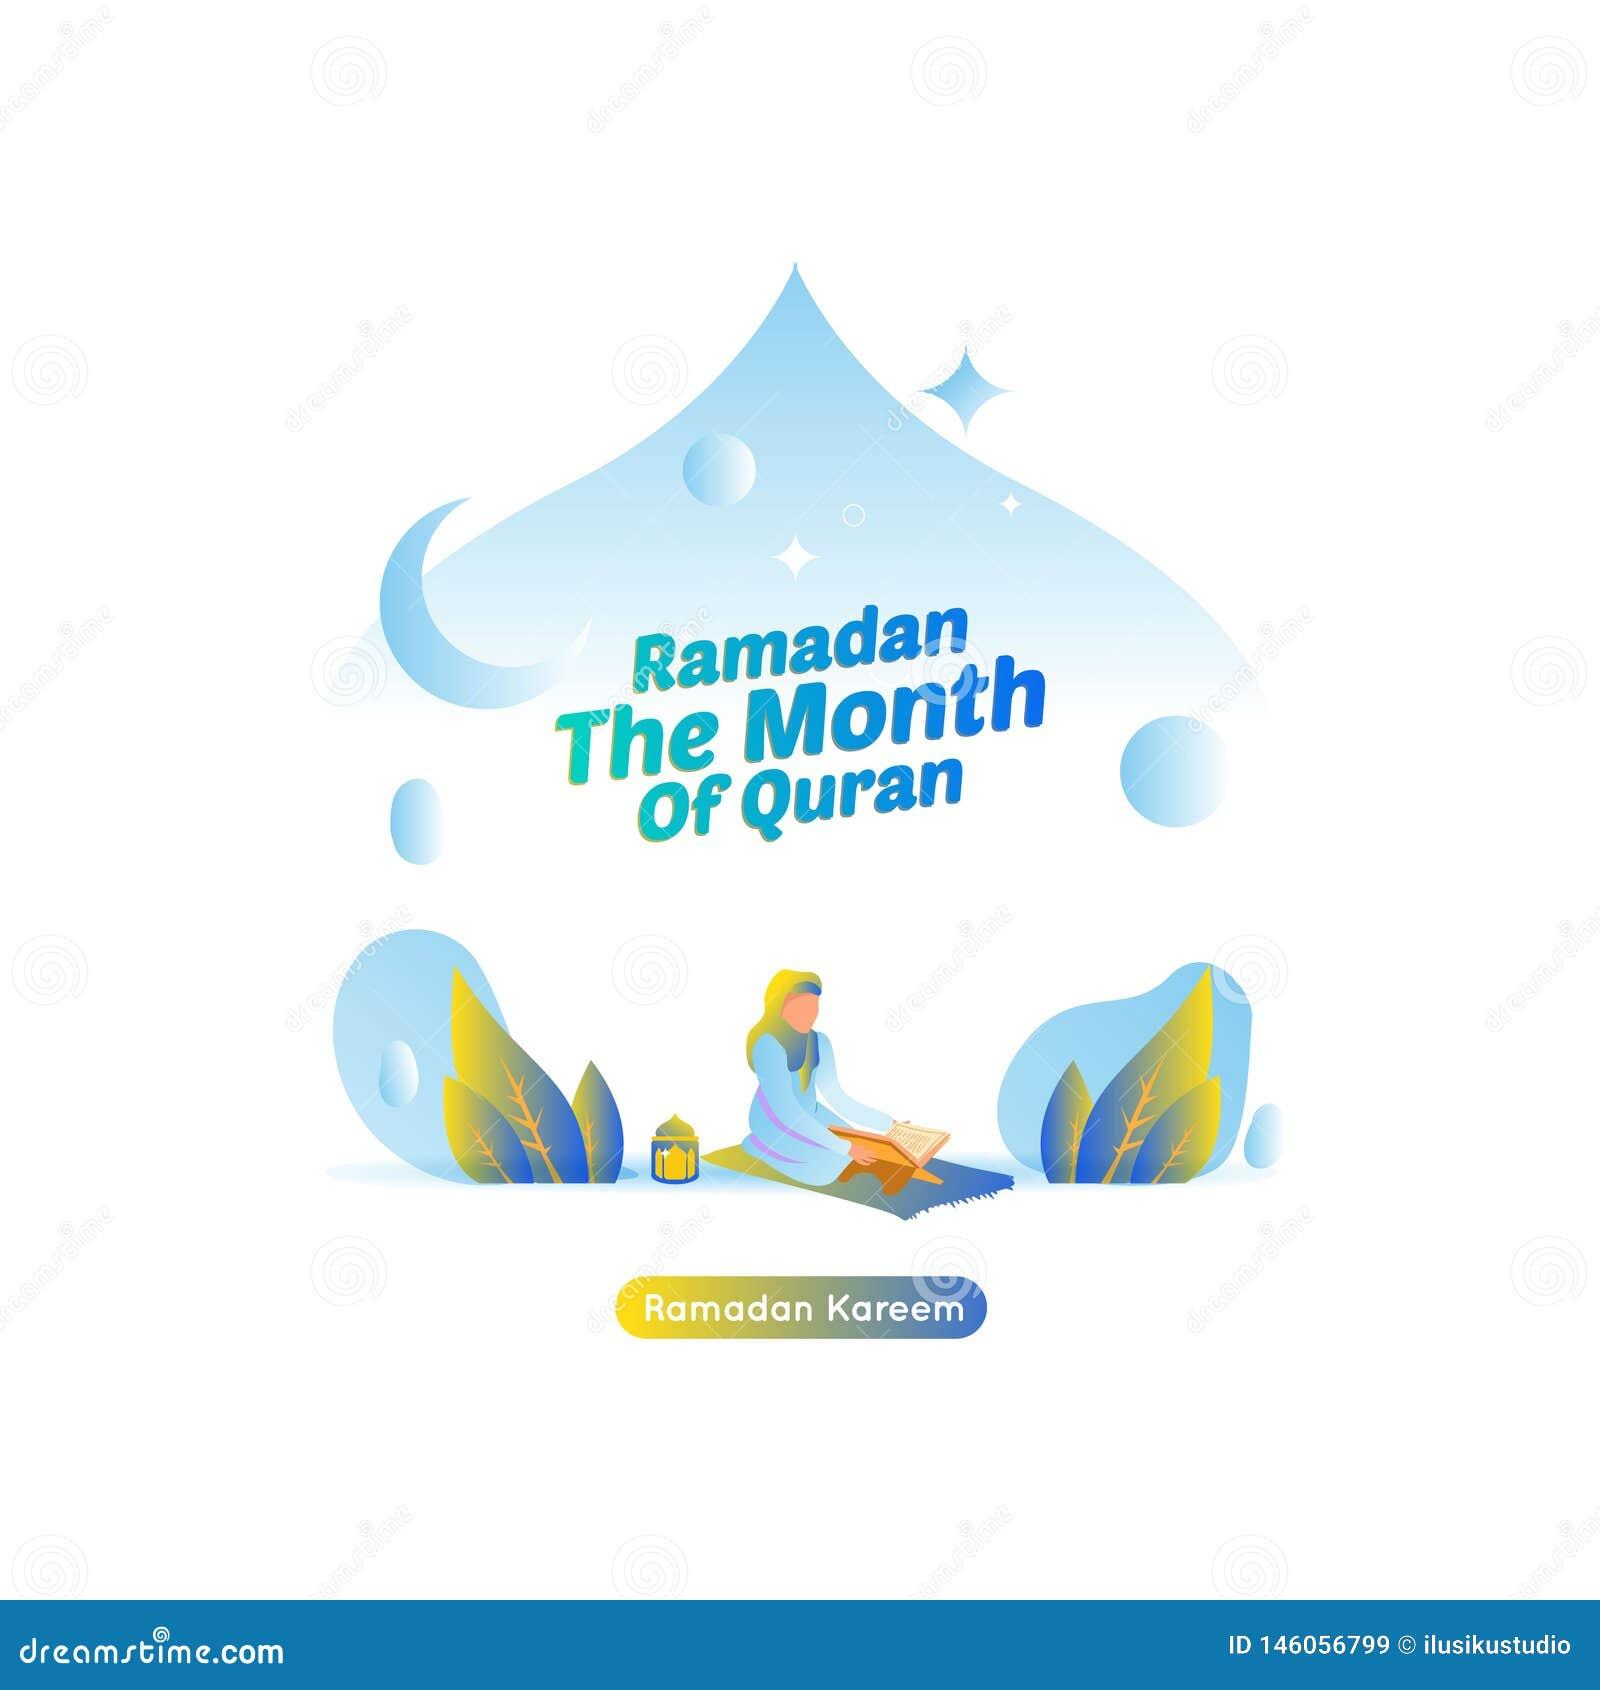 Ramadan Kareem - Vector Illustration Reading The Holy Quran